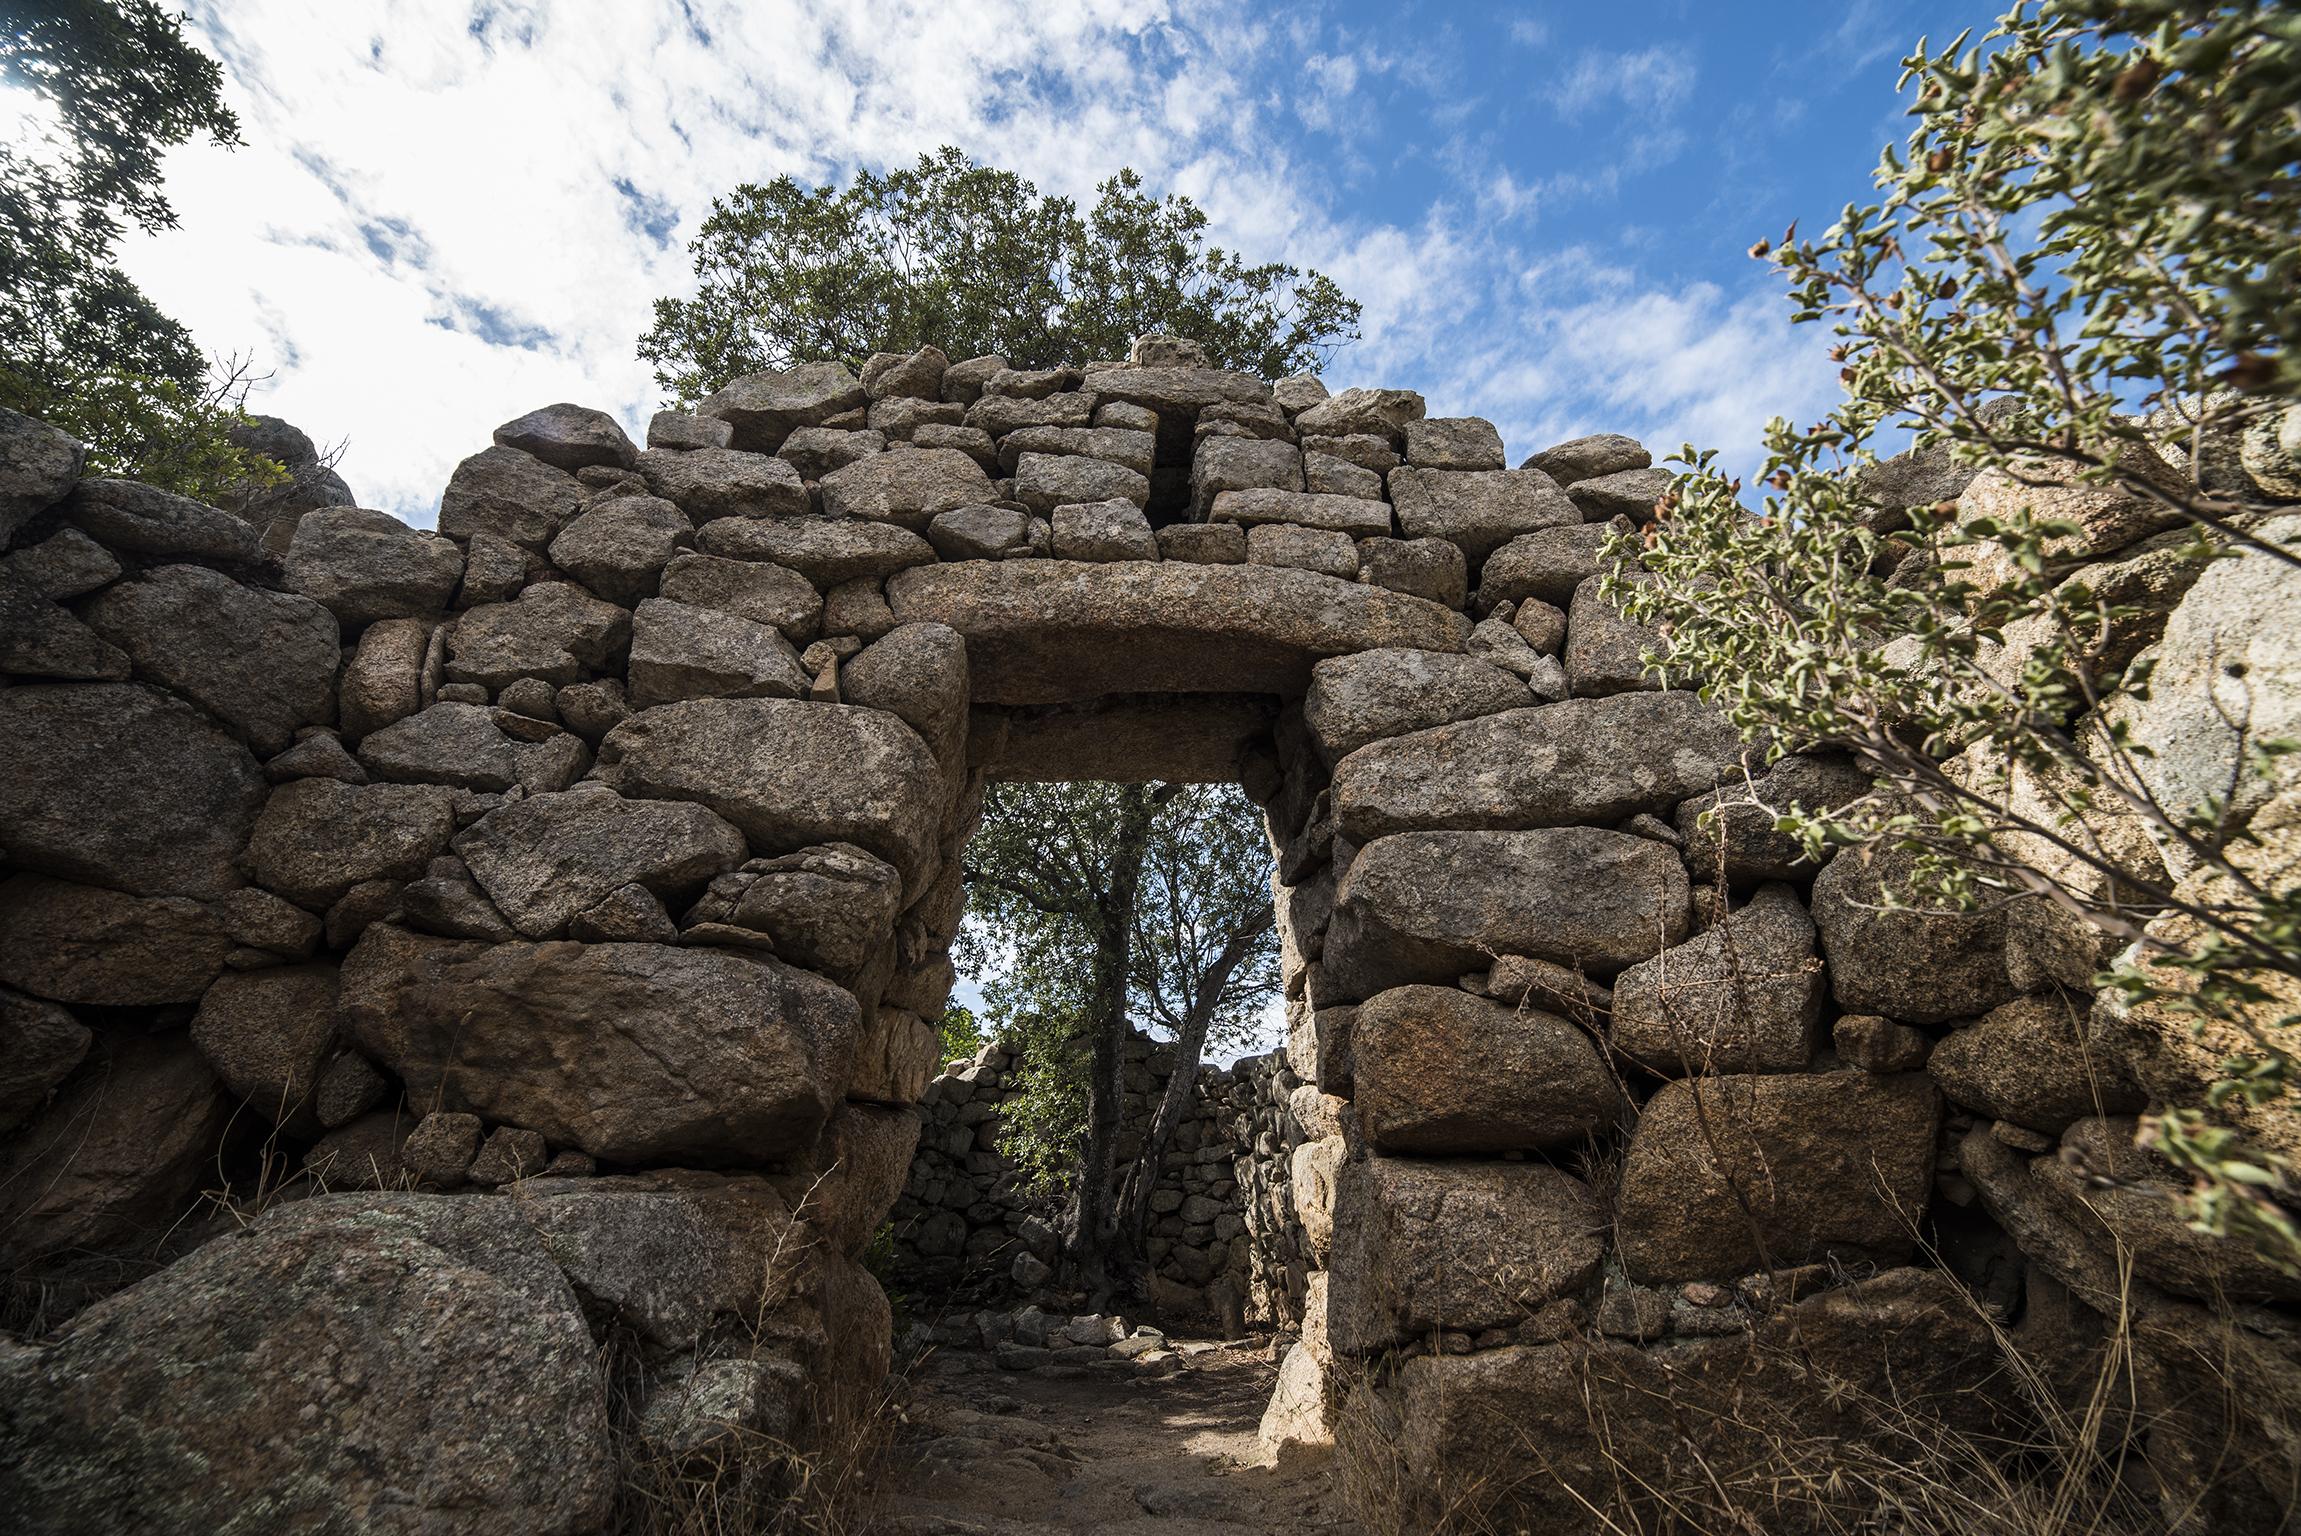 Ingresso architravato del Tempietto di Malchittu - Parco archeologico di Arzachena